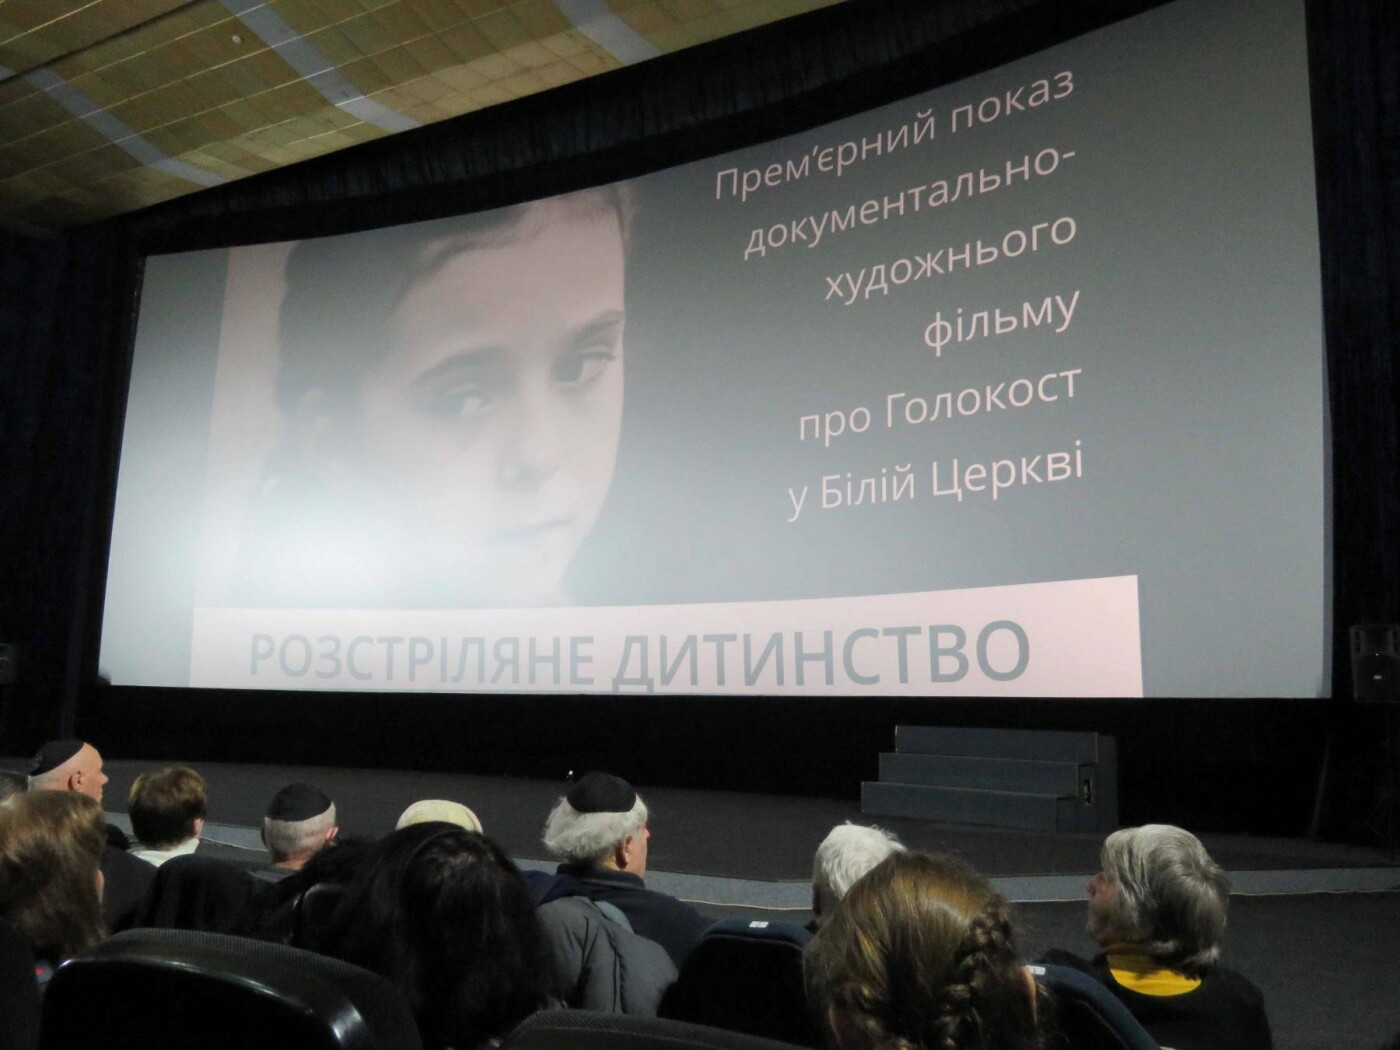 У кінотеатрі ім. Довженка відбулась презентація фільму про Голокост у Білій Церкві